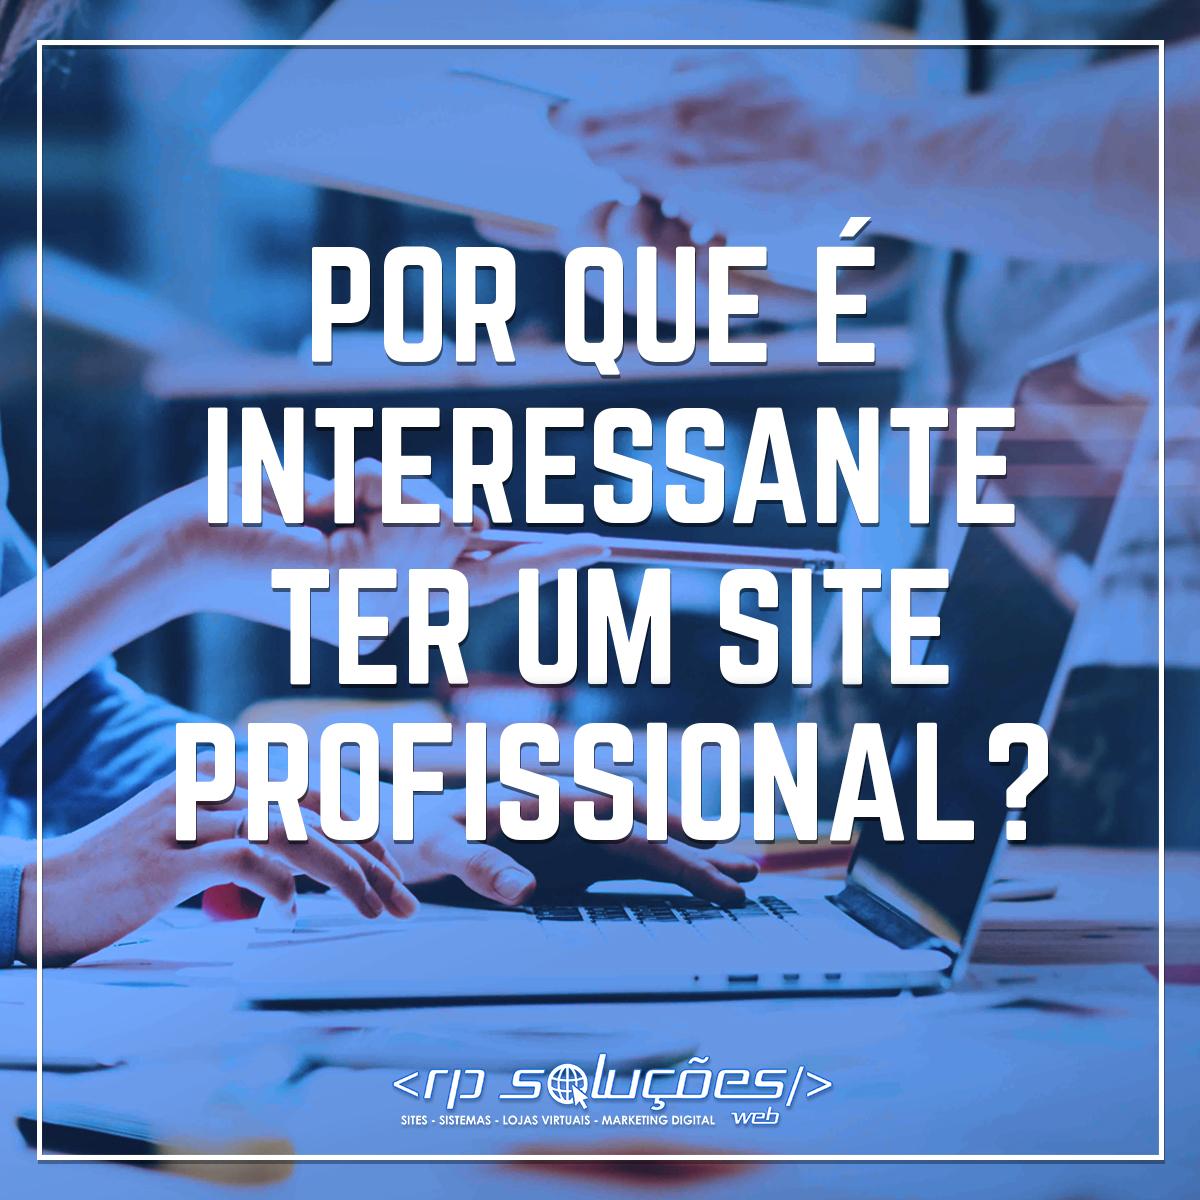 Por que é interessante ter um site profissional?